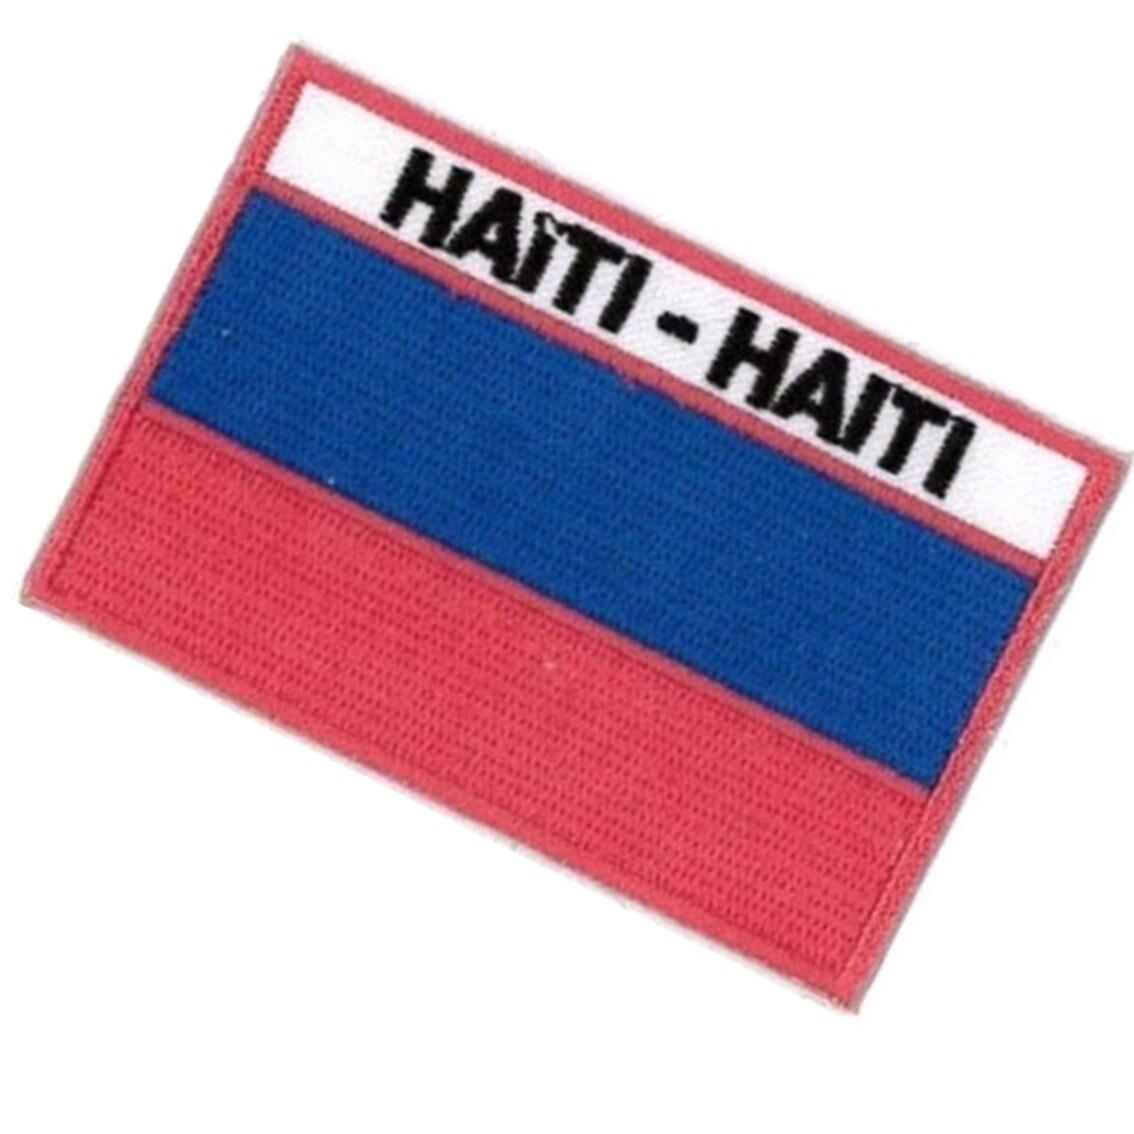 海地 Haiti 全繡 布貼片 國旗 刺繡貼 3D 肩章 布藝 貼布章 手作文創 補丁貼布 背包 布貼